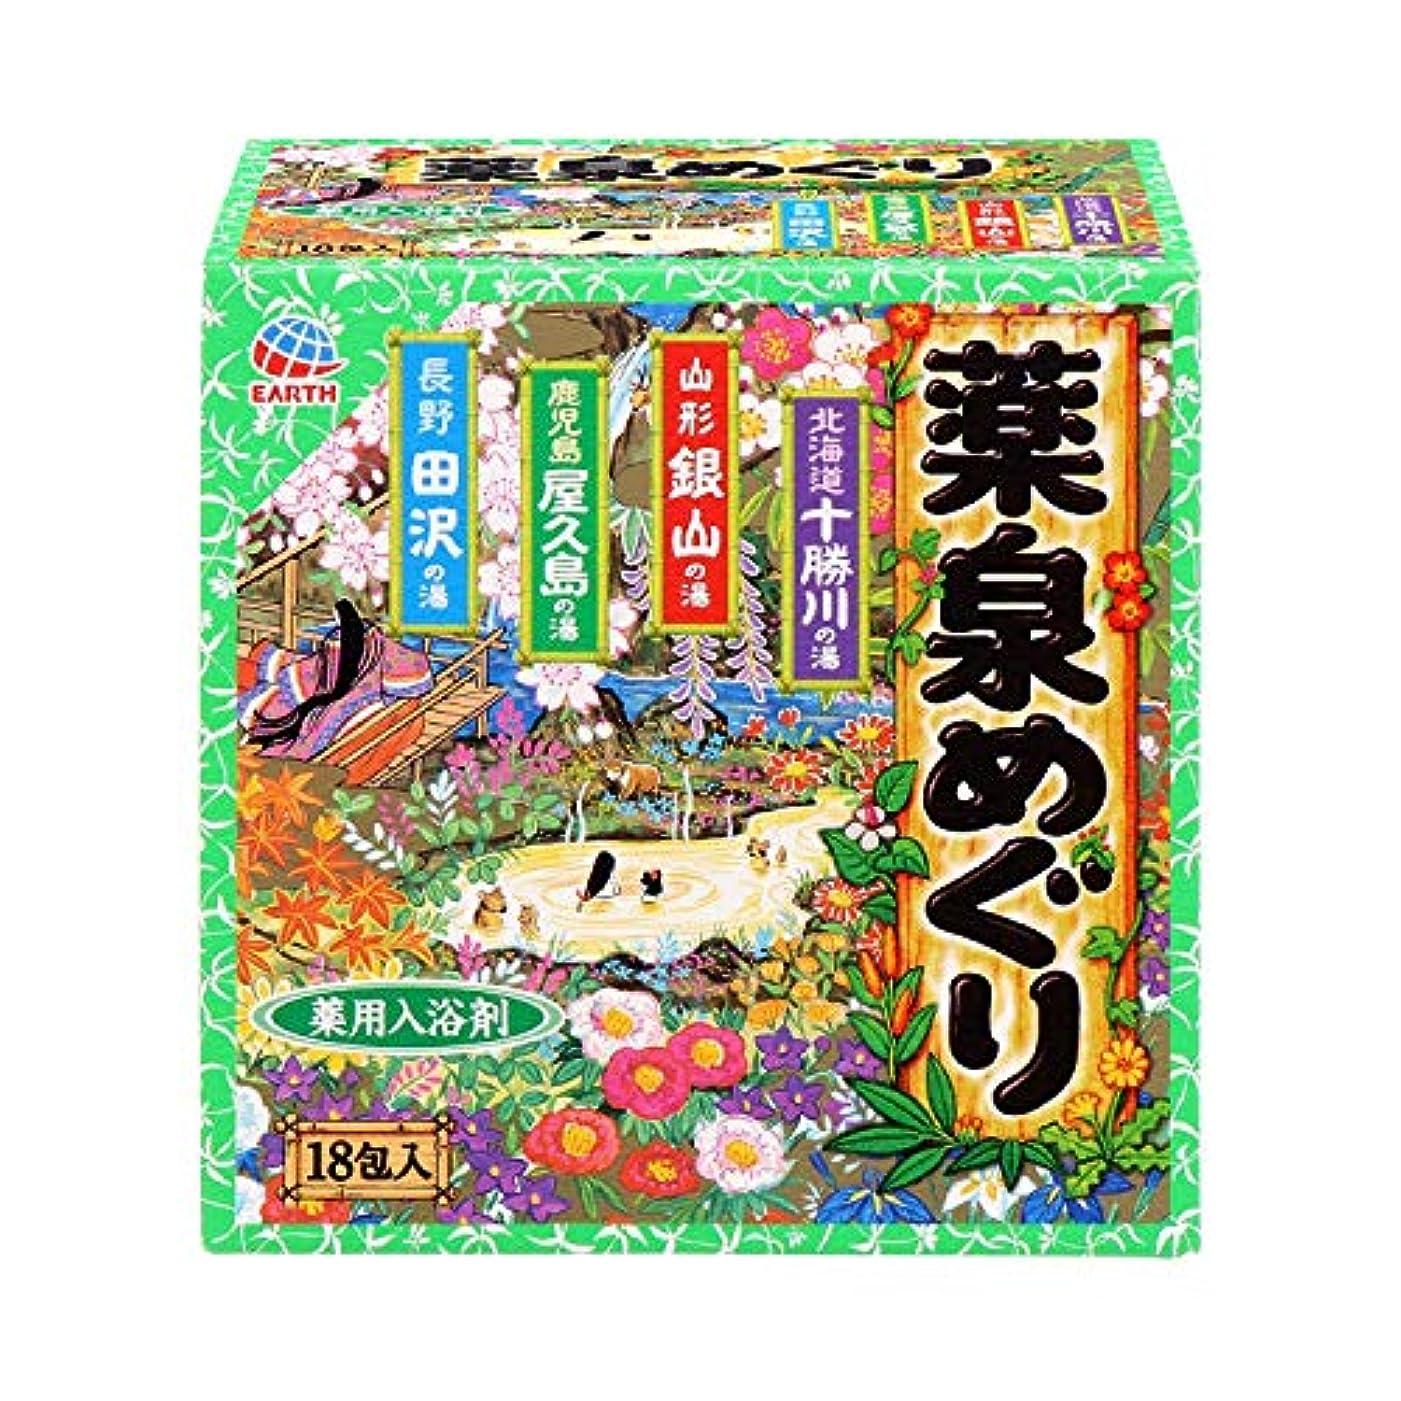 蚊メロディー移植【アース製薬】薬泉めぐり 540g(30g*18包) ×10個セット